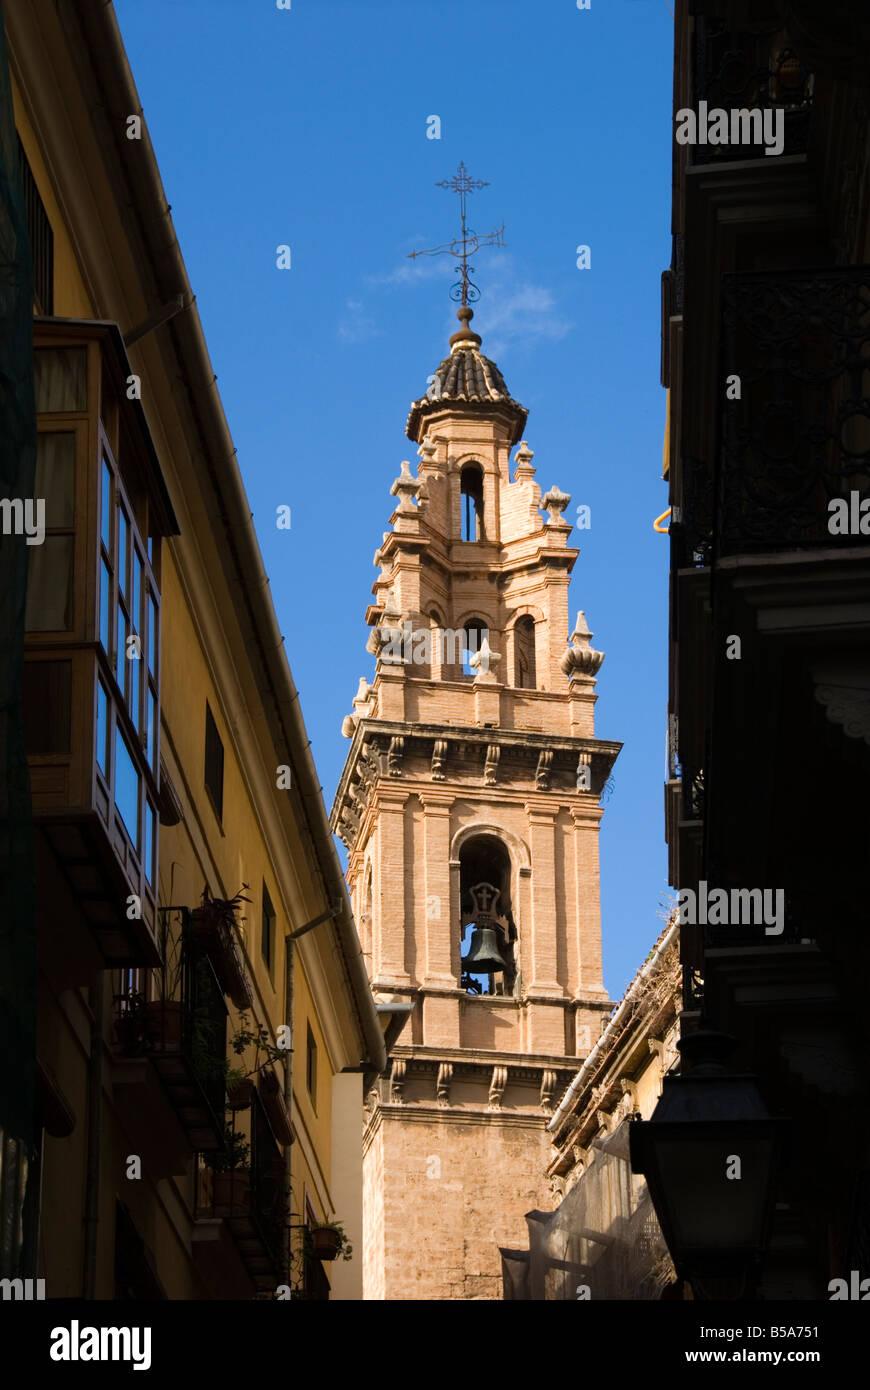 Clocher de l'église de Eglise de San Esteban dans le centre-ville historique de Valence Espagne Photo Stock